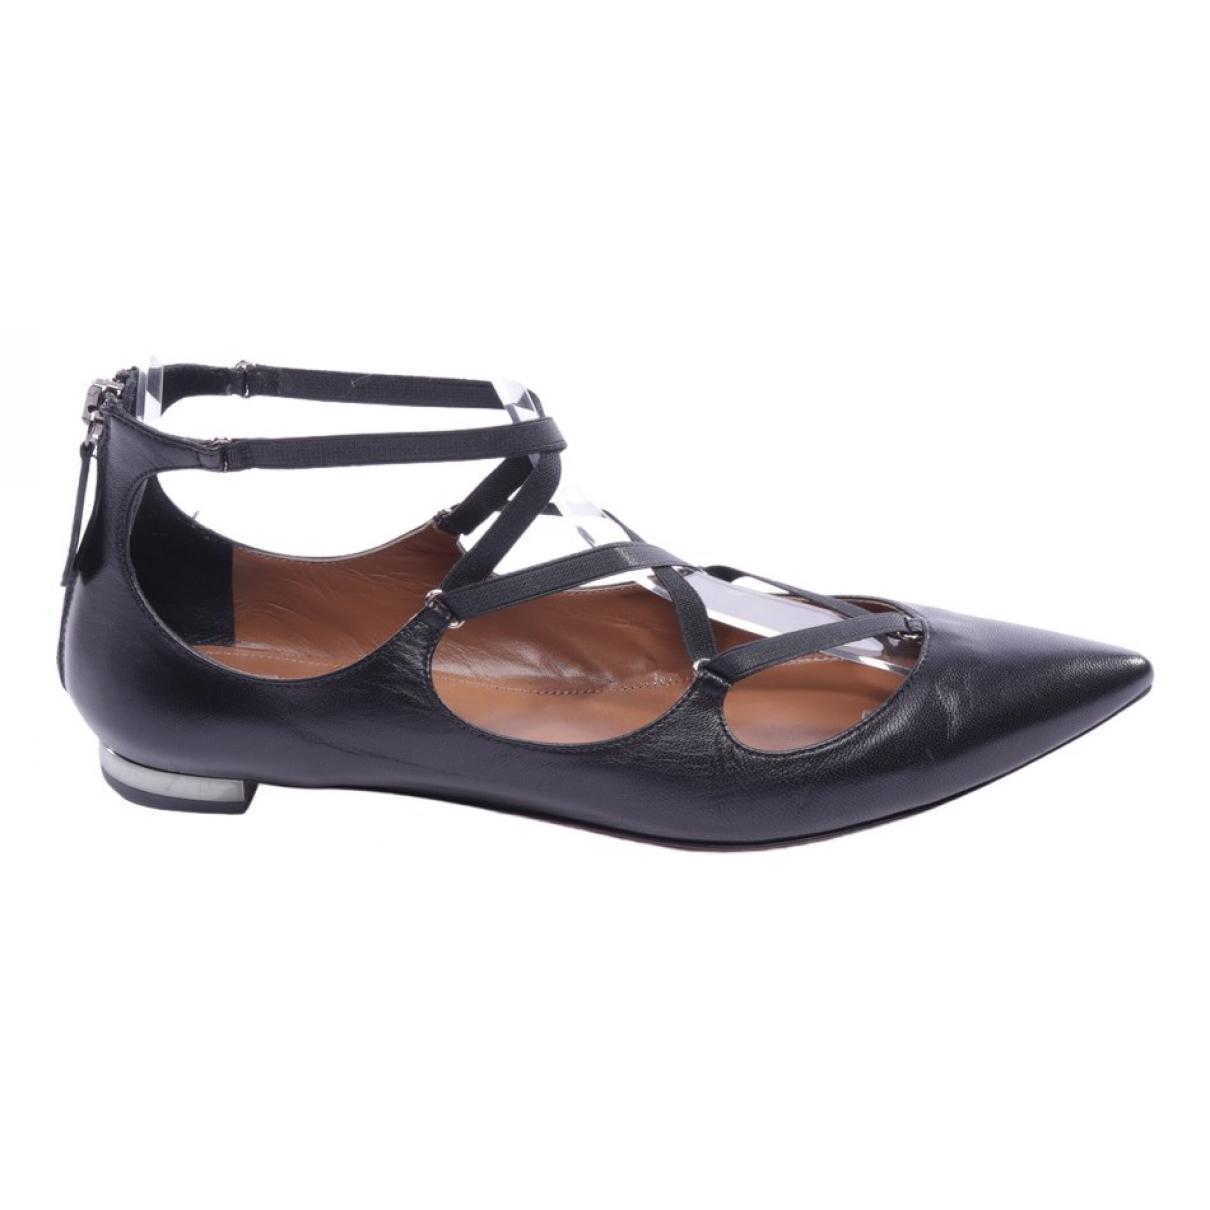 Aquazzura - Baskets   pour femme en cuir - noir